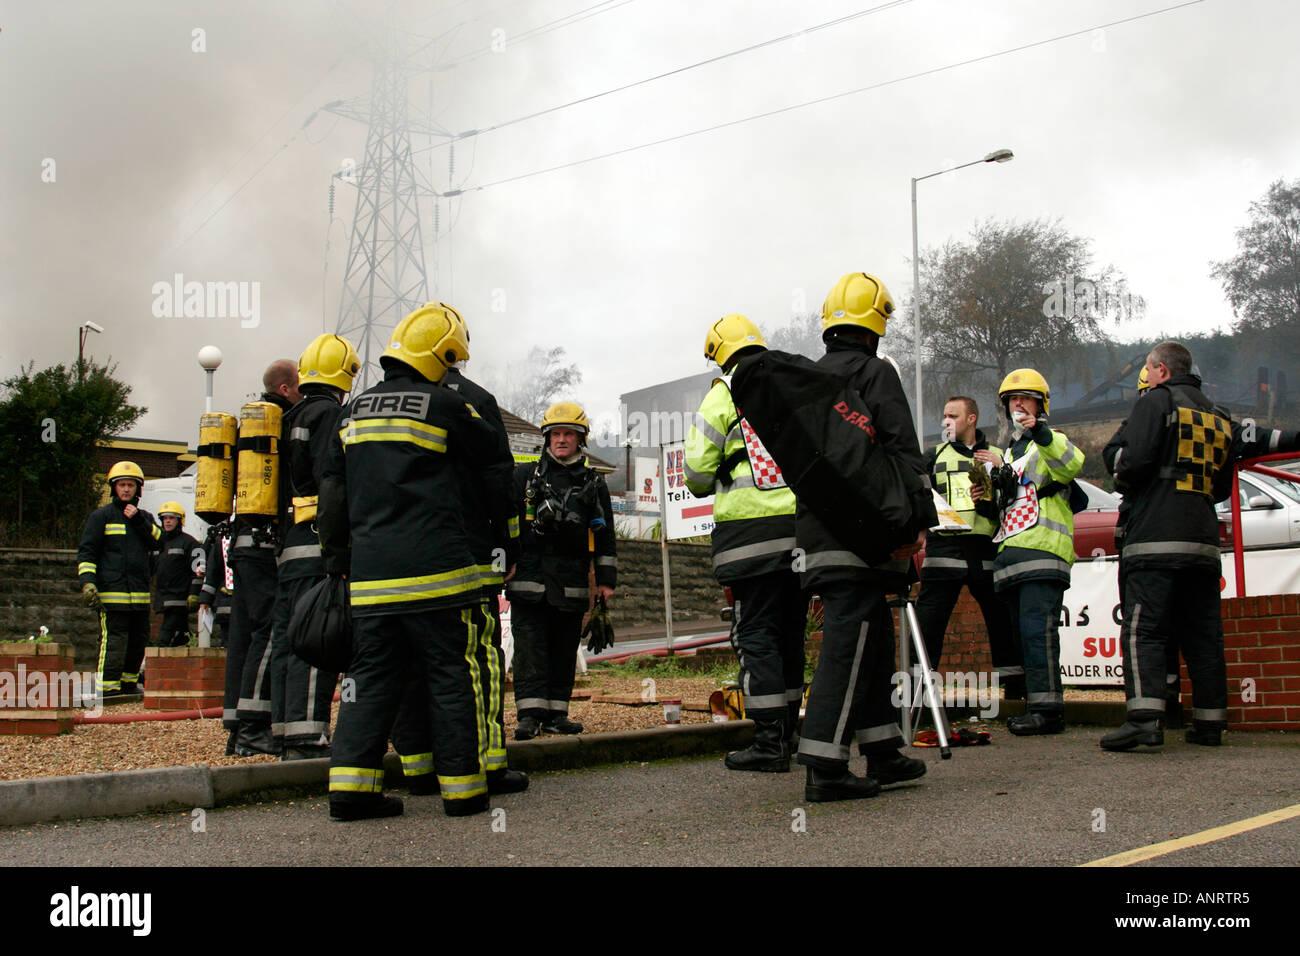 Firemen on duty - Stock Image